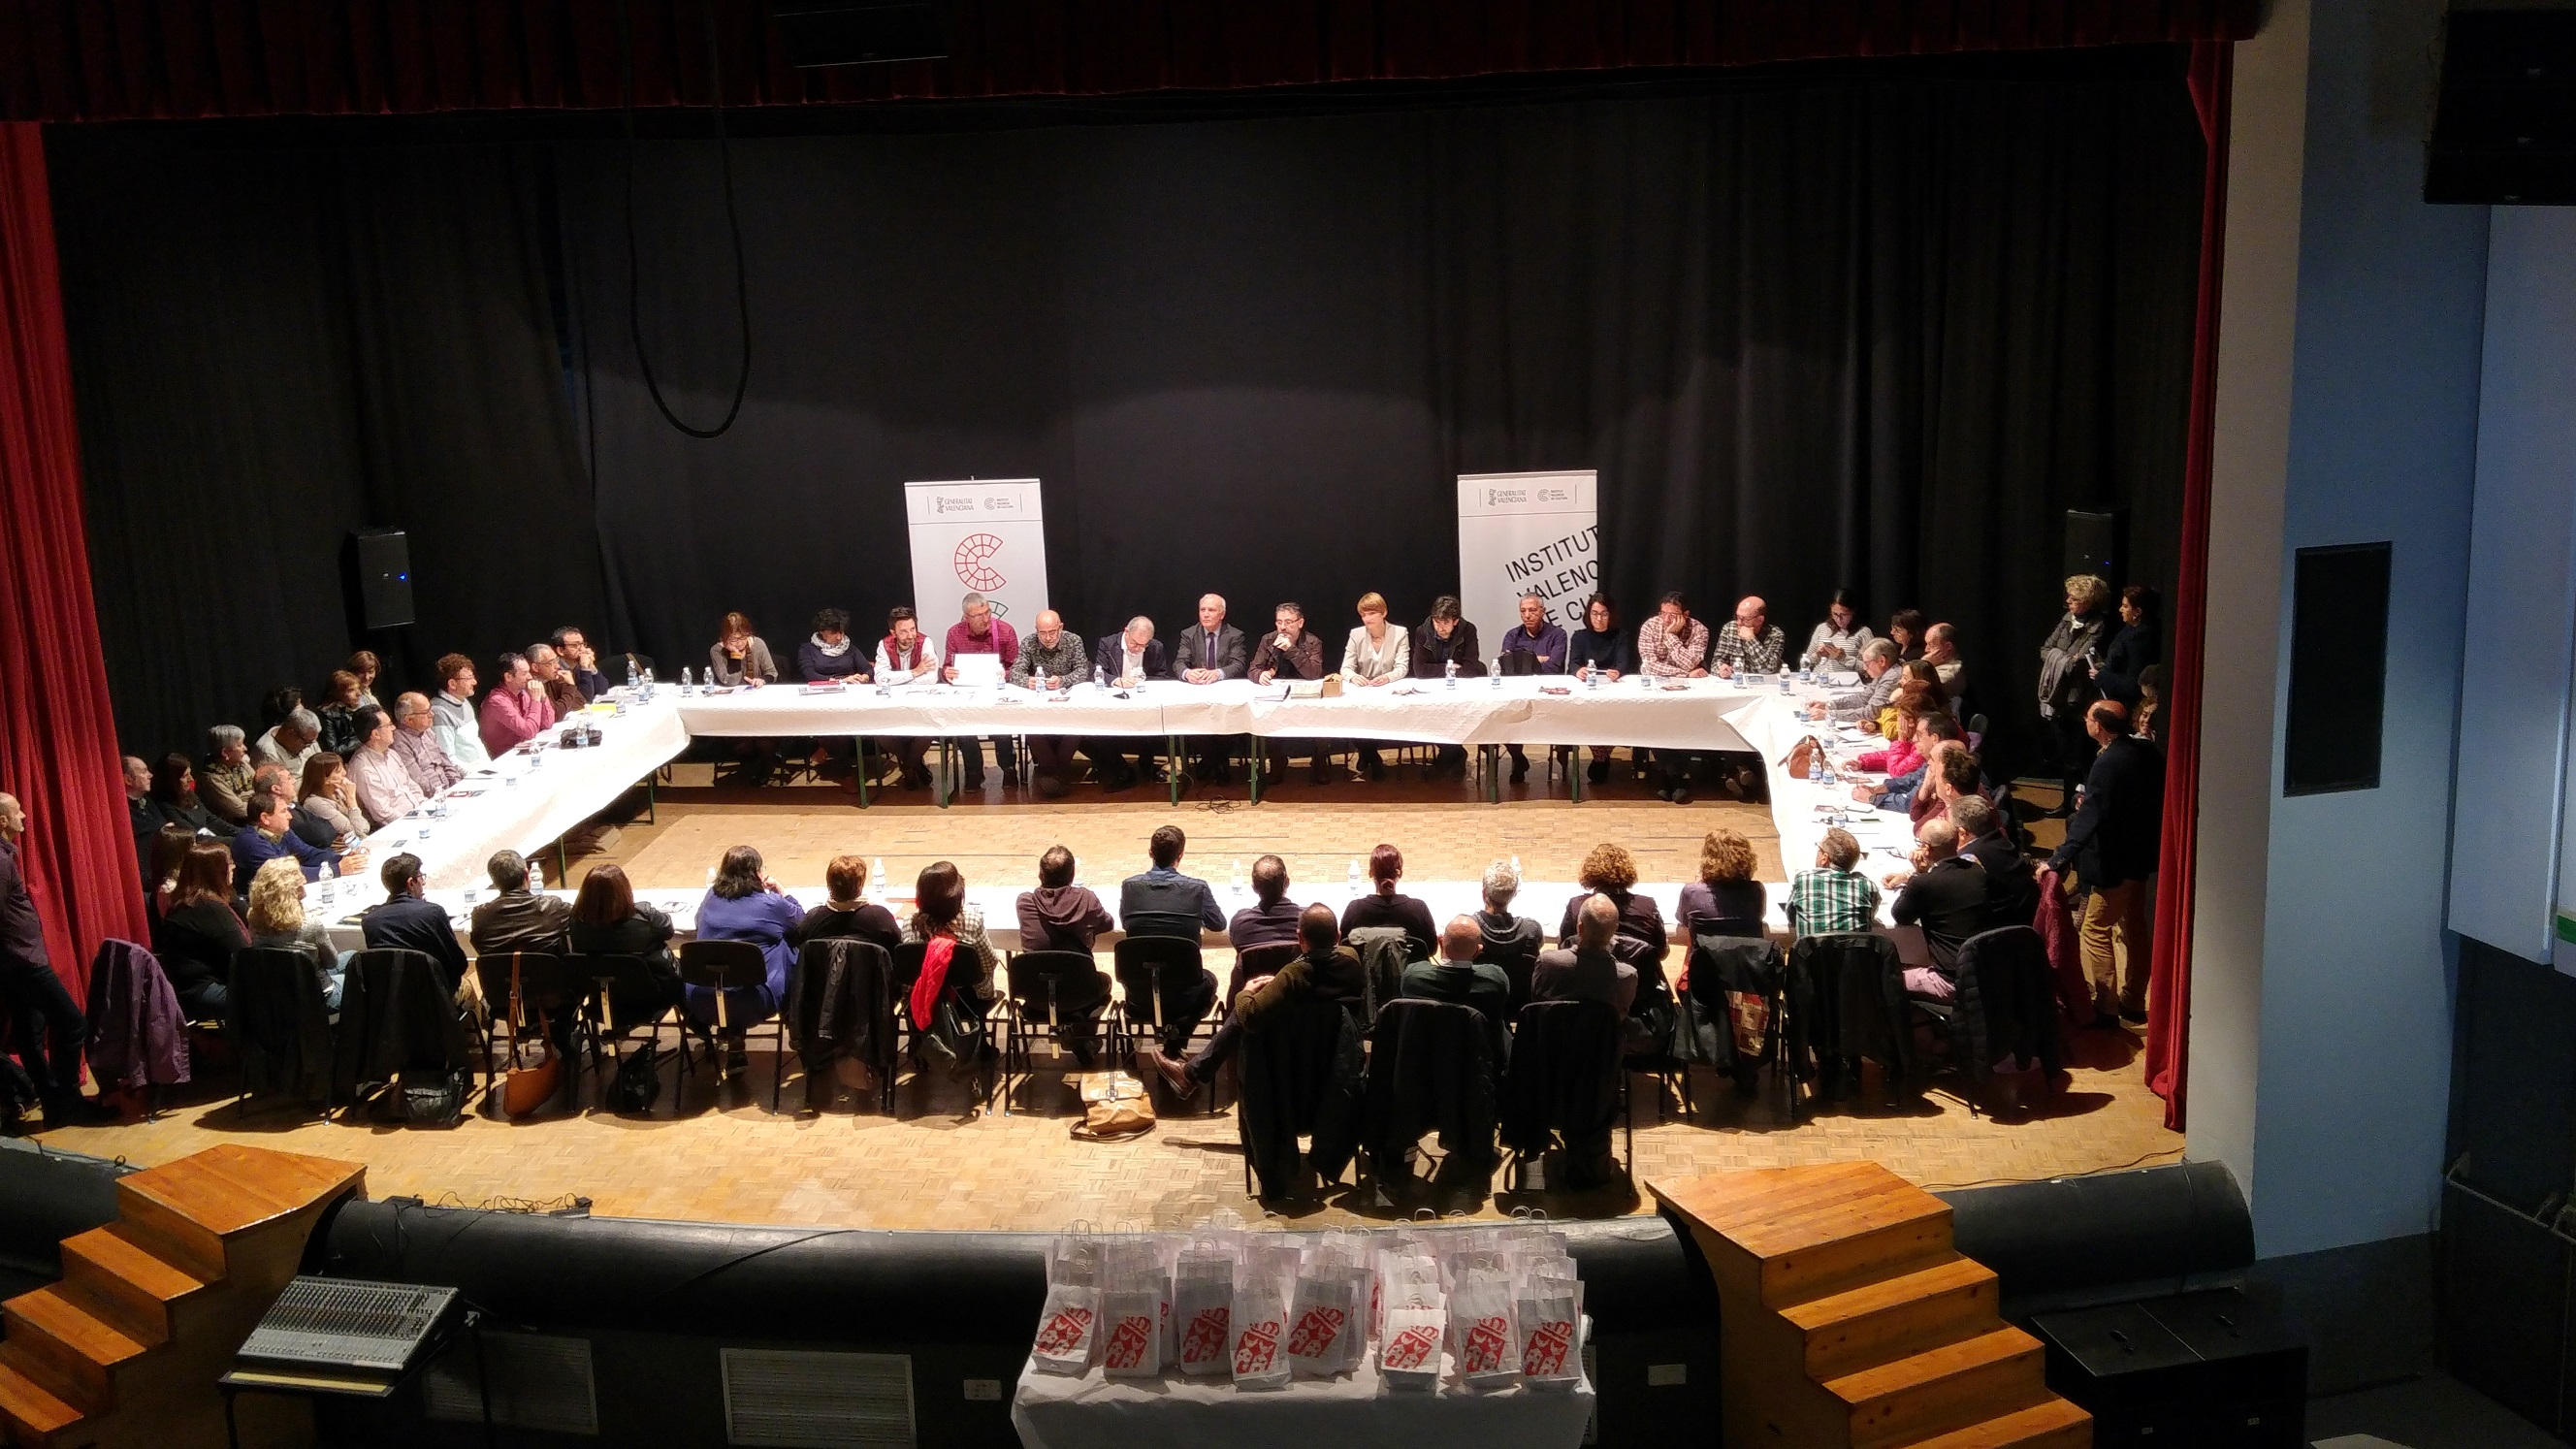 Es la primera asamblea a la que asisten los municipios que se han adscrito a lo largo de 2017: Alicante, Corbera, Morella, Ontinyent, Petrer y Cheste.